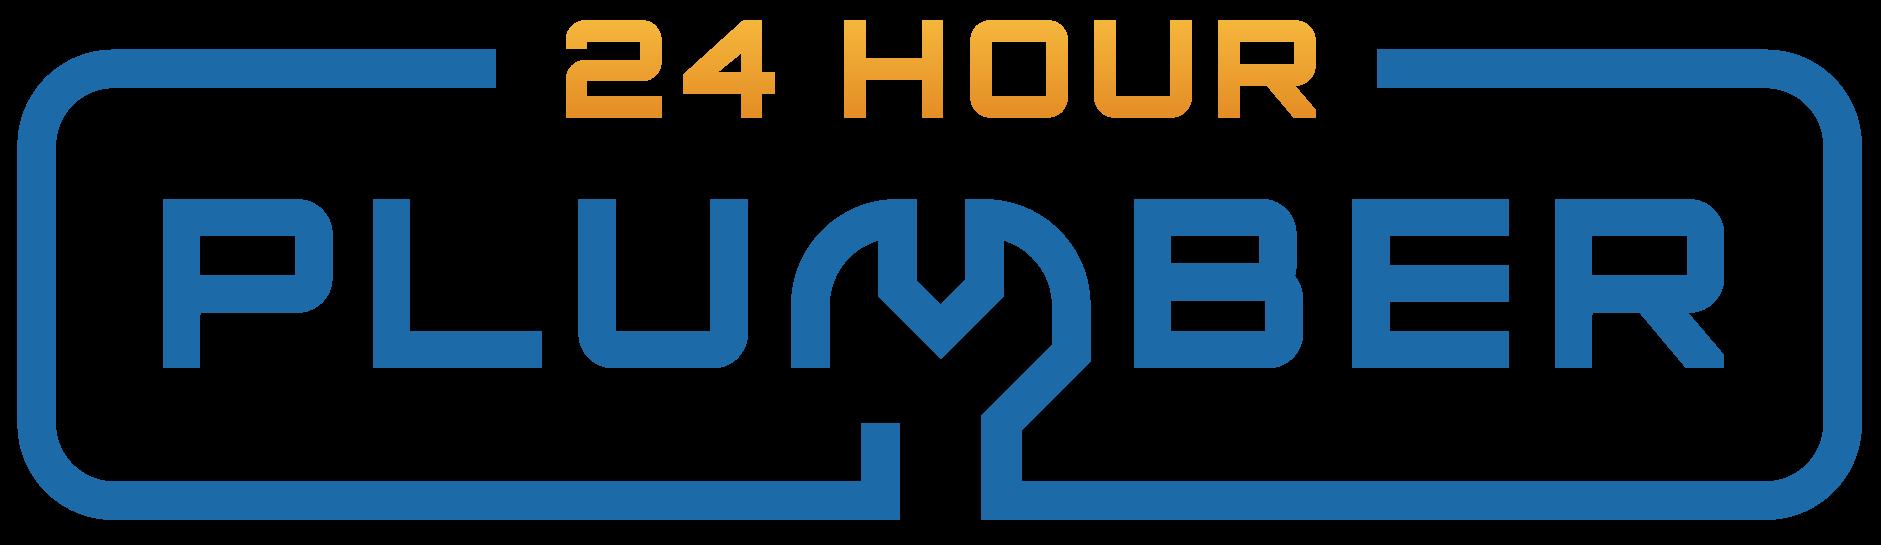 24 Hour Plumber Dublin - Emergency Plumber Dublin - Dublin Plumber Logo